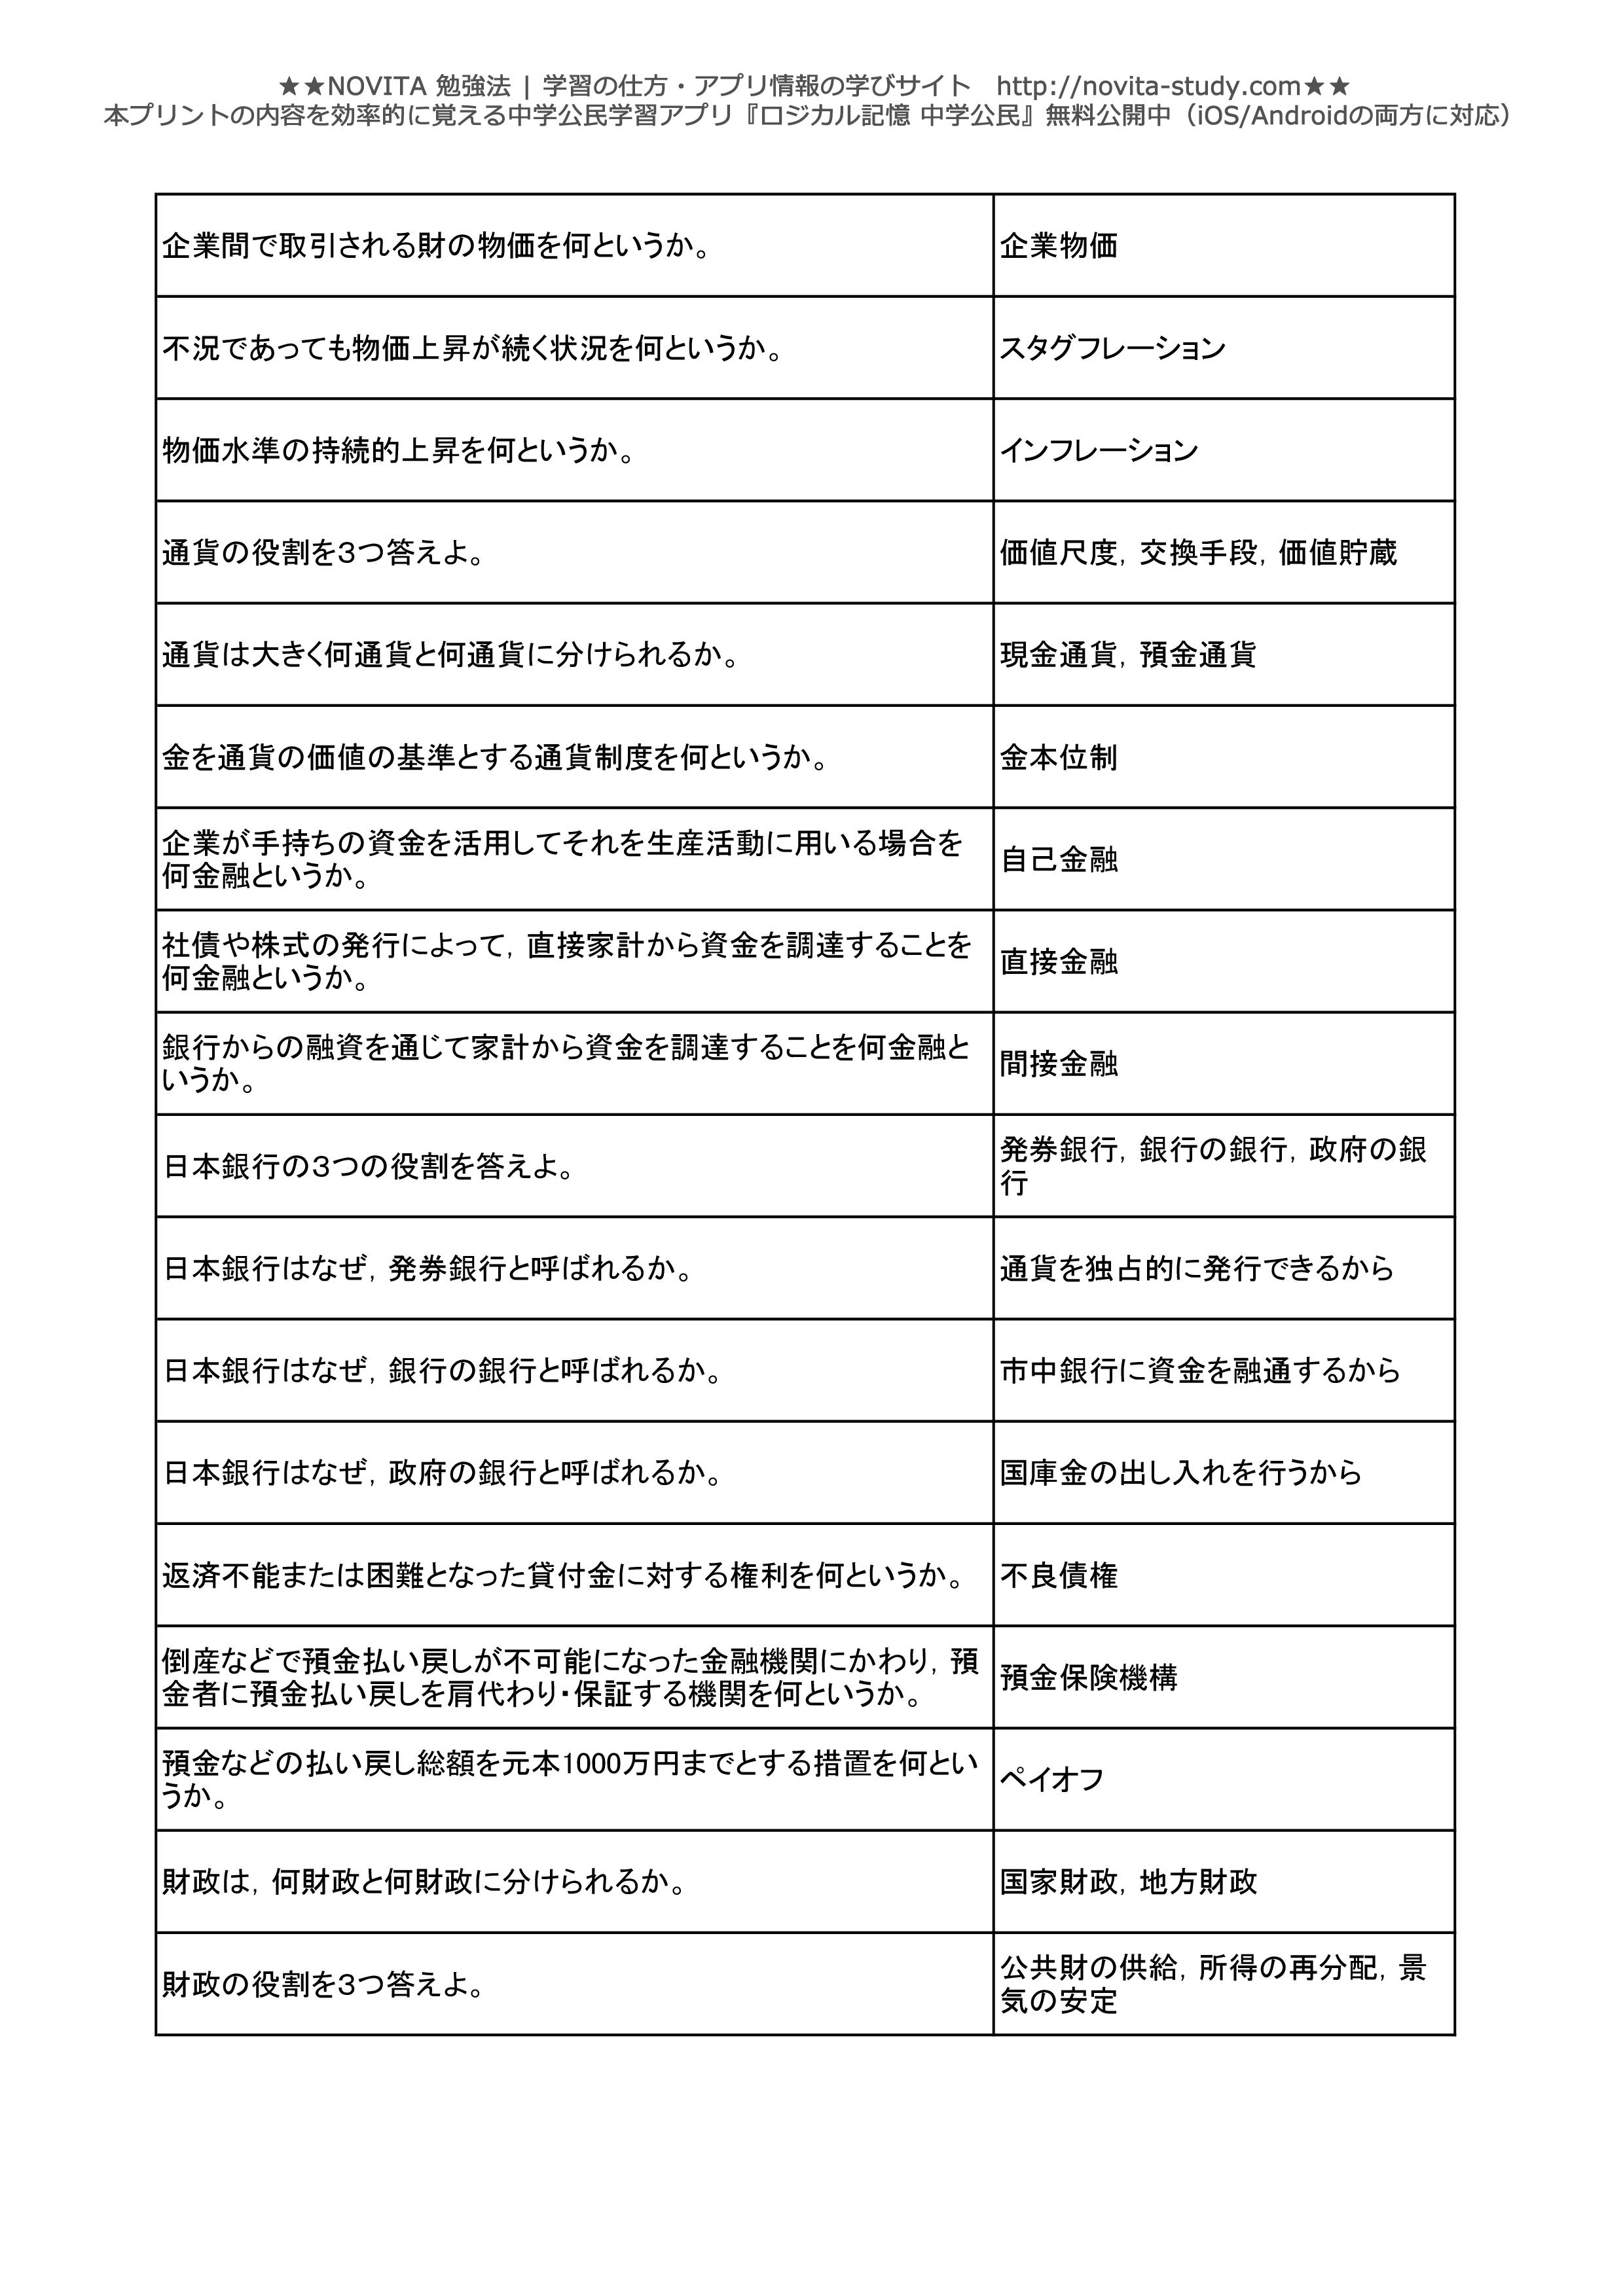 中学公民一問一答無料問題集-018